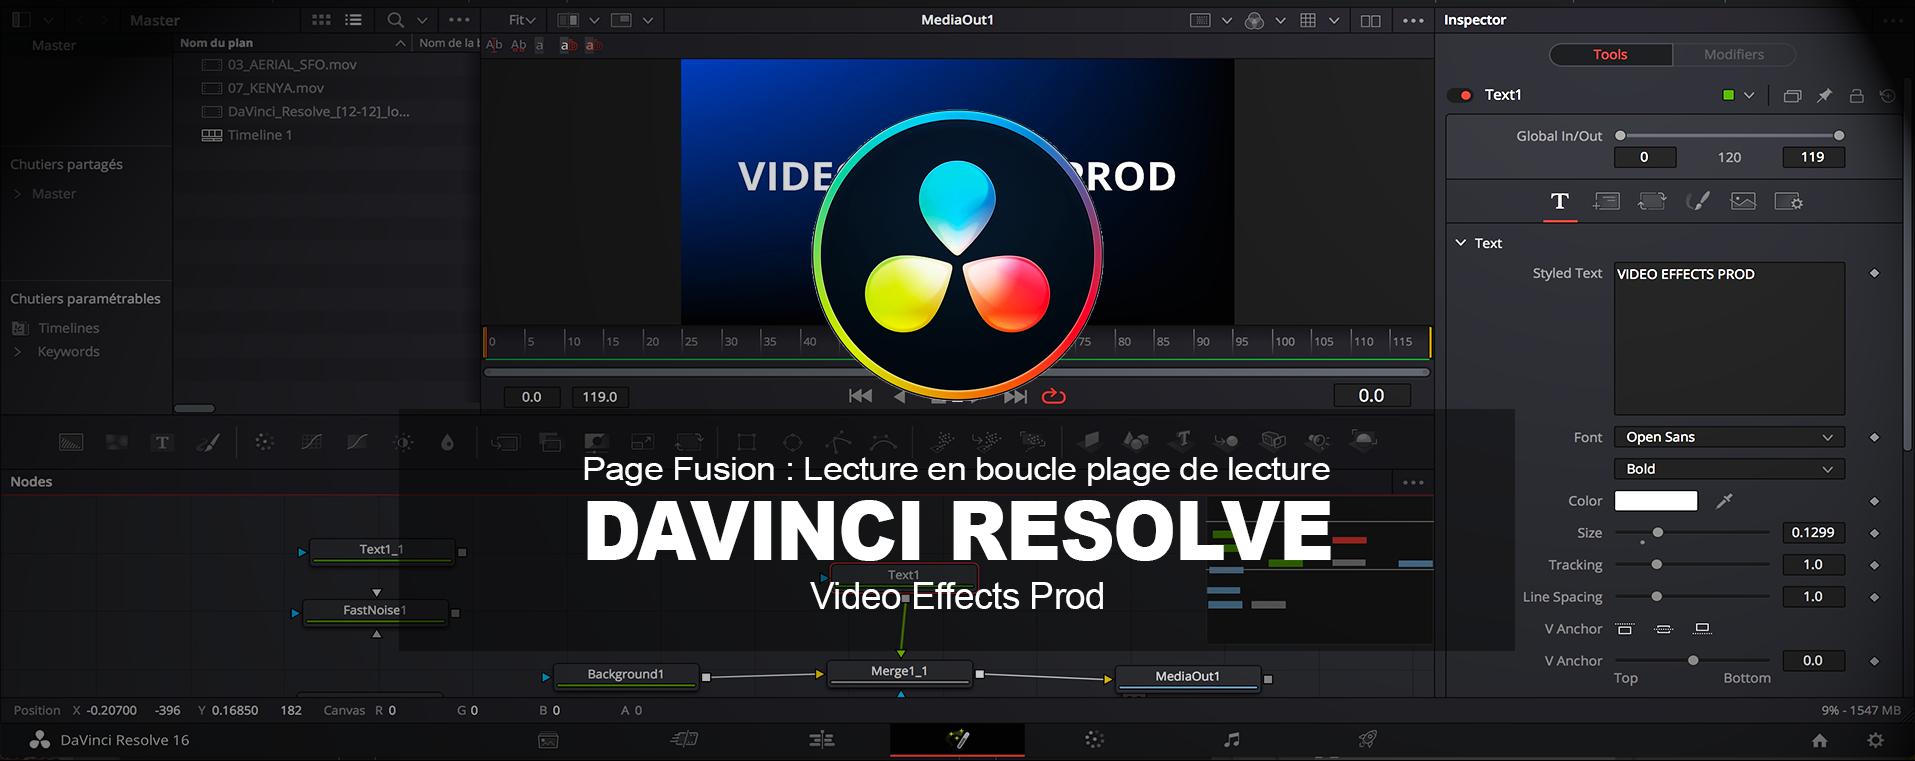 DaVinci Resolve : Lecture en boucle page Fusion